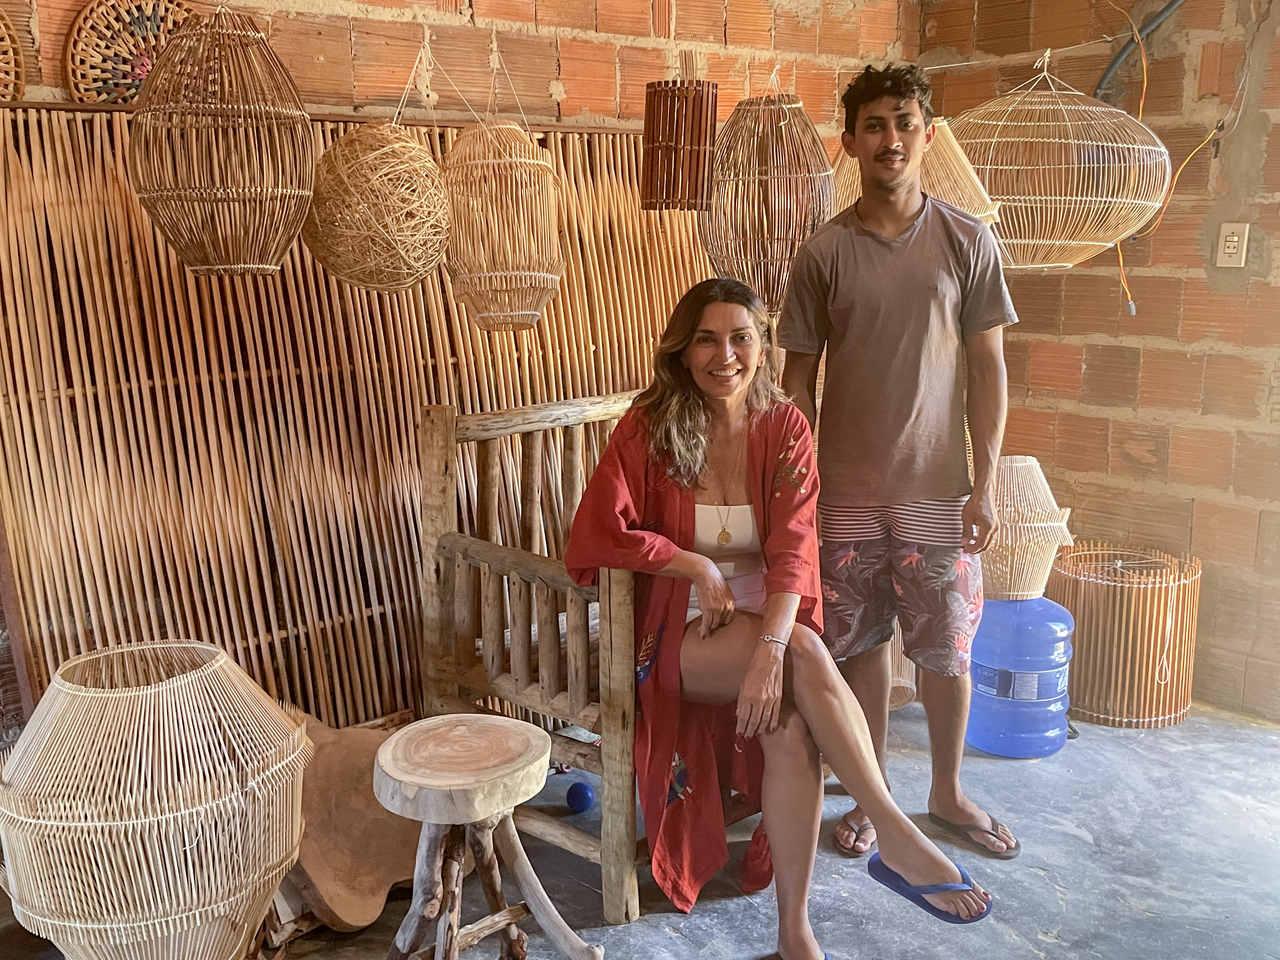 Luminárias artesanais: artista cearense produz peças únicas em Moitas